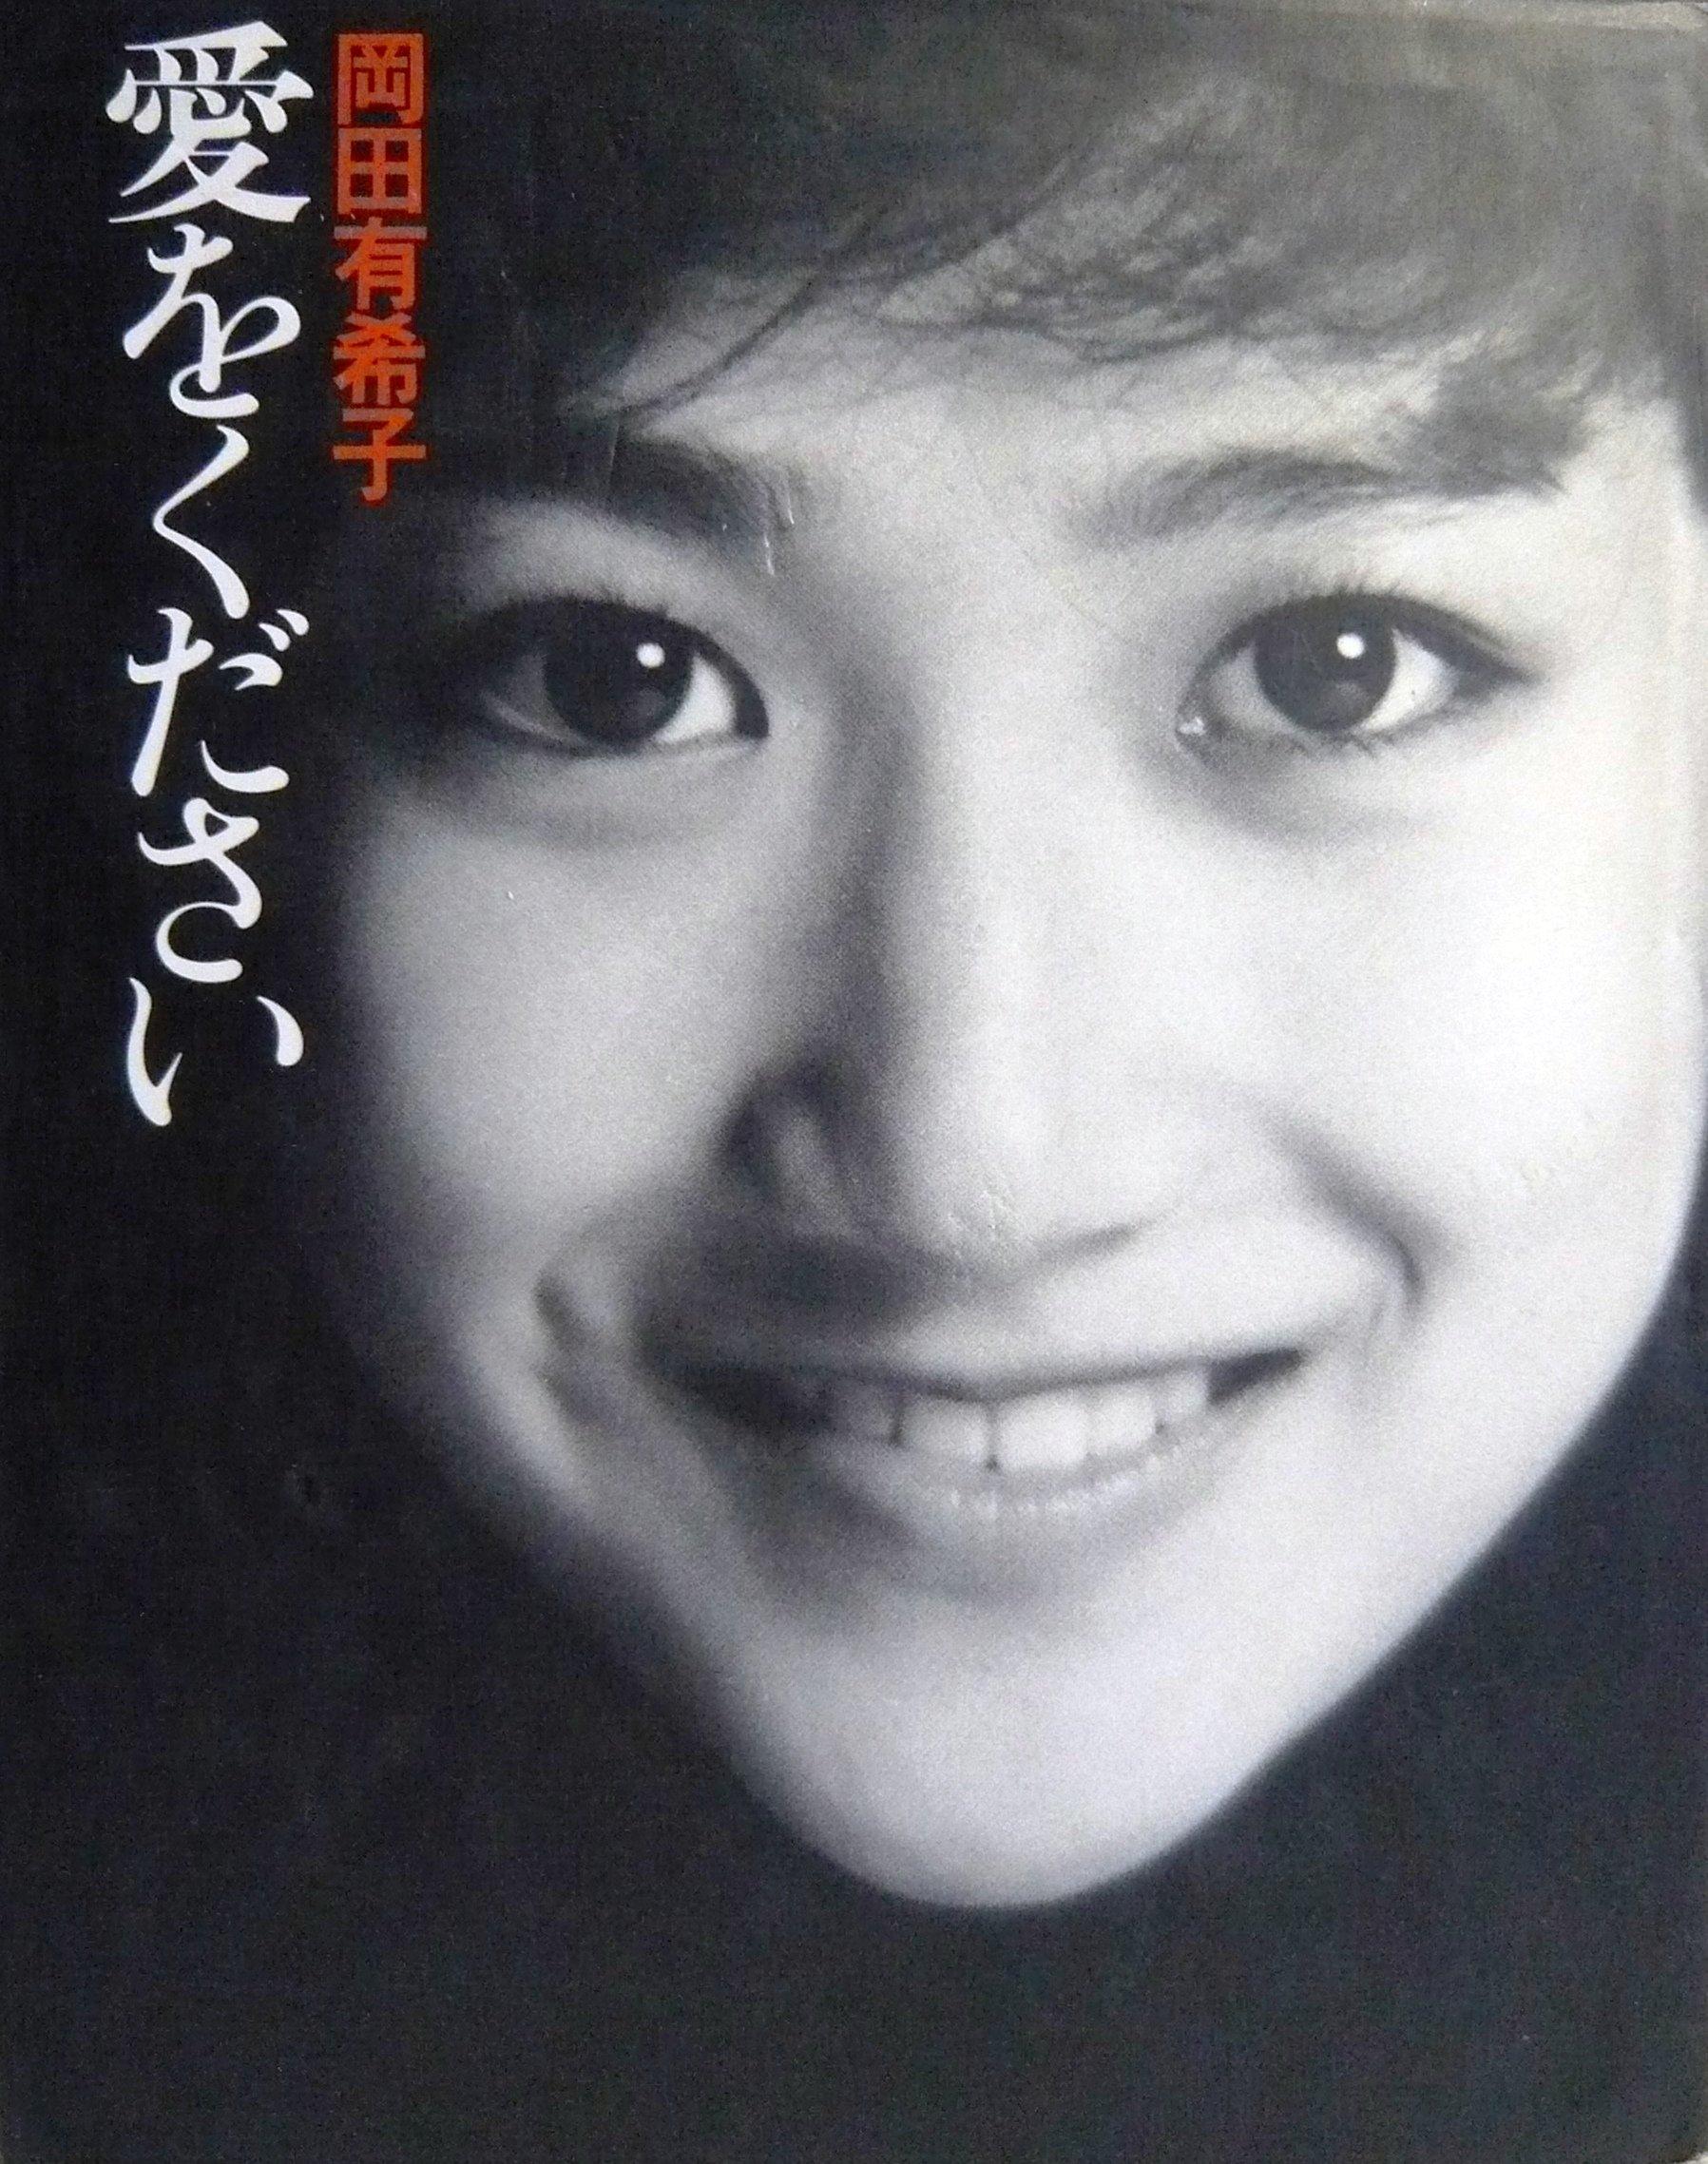 岡田有希子の書籍